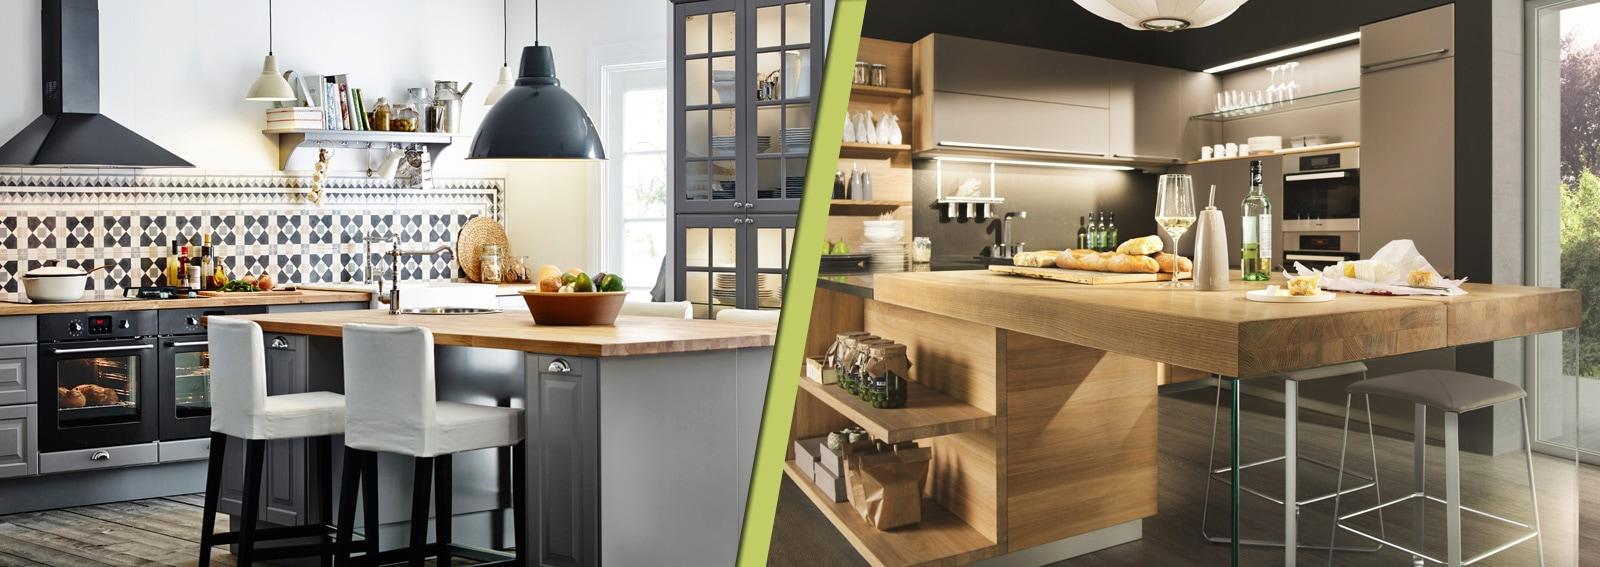 Disegno piani lavoro cucina : Cucine con piano di lavoro in legno: i modelli più belli - Grazia.it